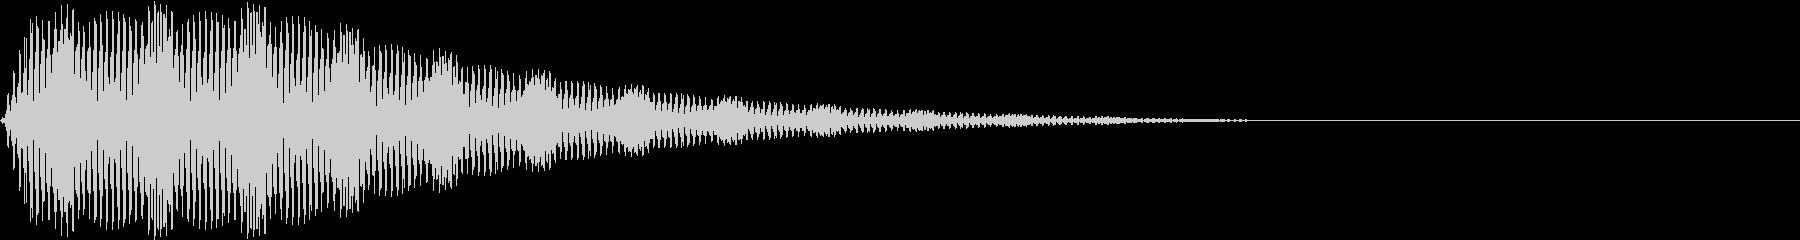 Game ブルブルブルというSE 1の未再生の波形